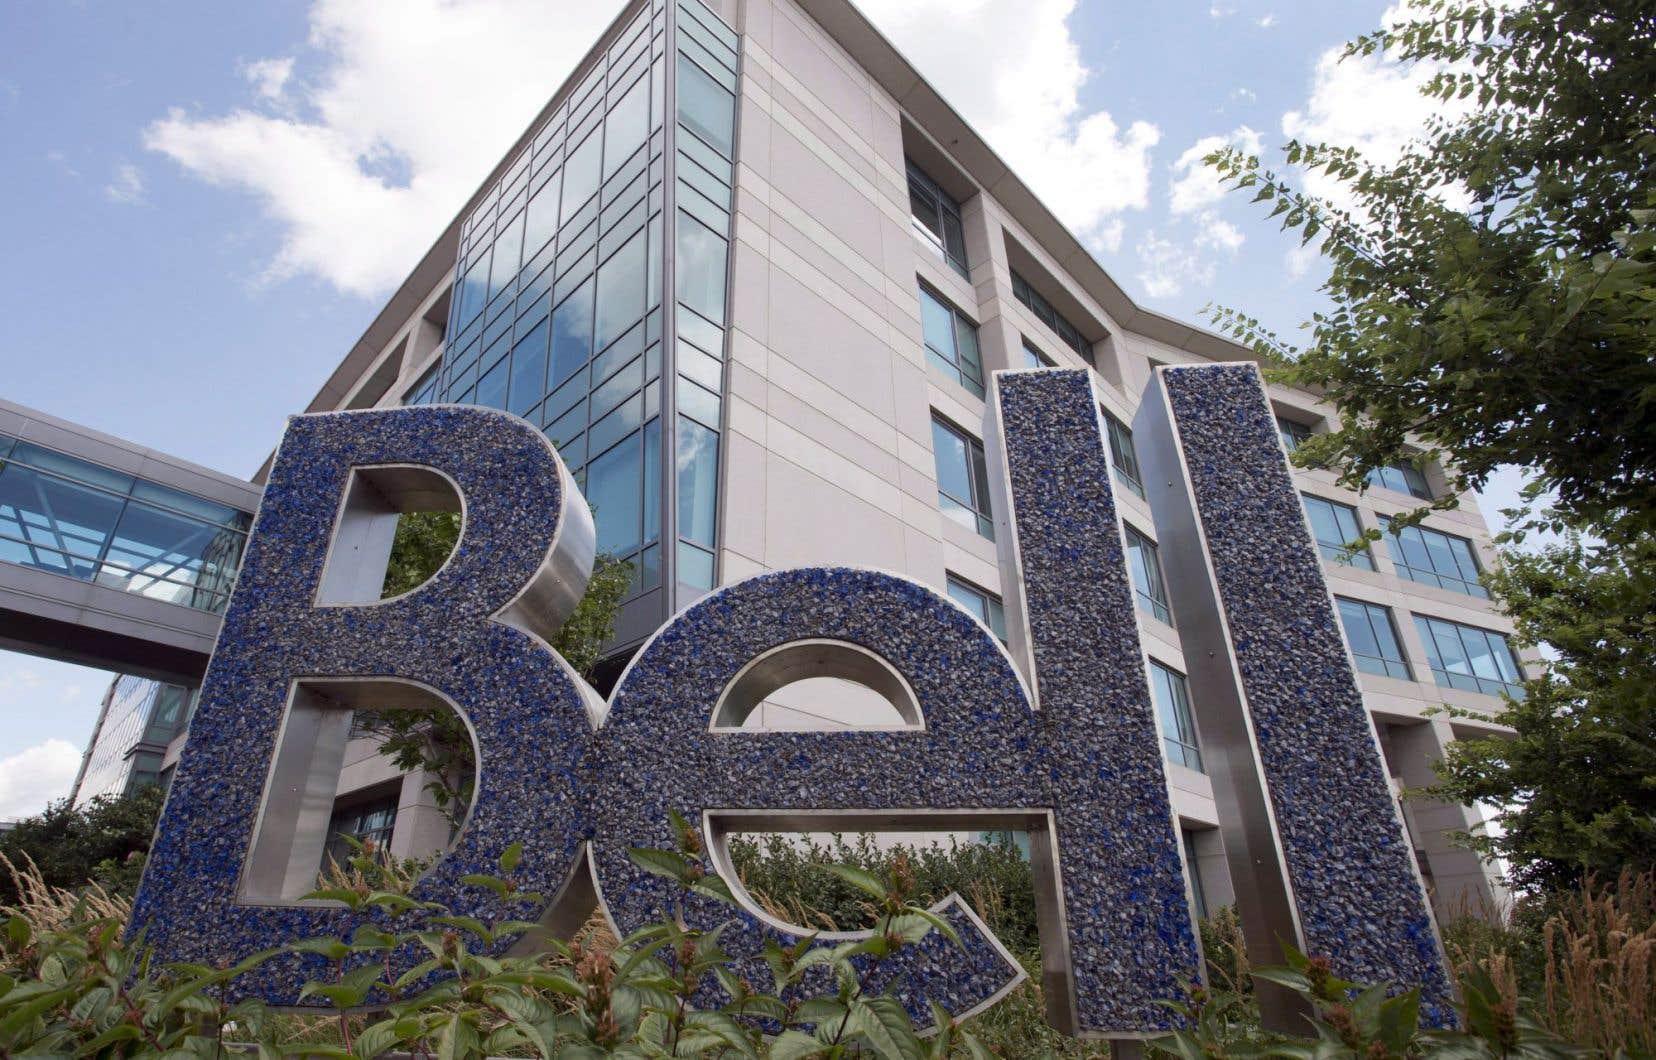 Dans cette affaire, le requérant s'estime floué par Bell Canada, Bell Express Vu ainsi que Bell Mobilité, ceux-ci ayant procédé, depuis le 27novembre 2012, à des modifications à différents contrats sans qu'il en ait été avisé clairement.